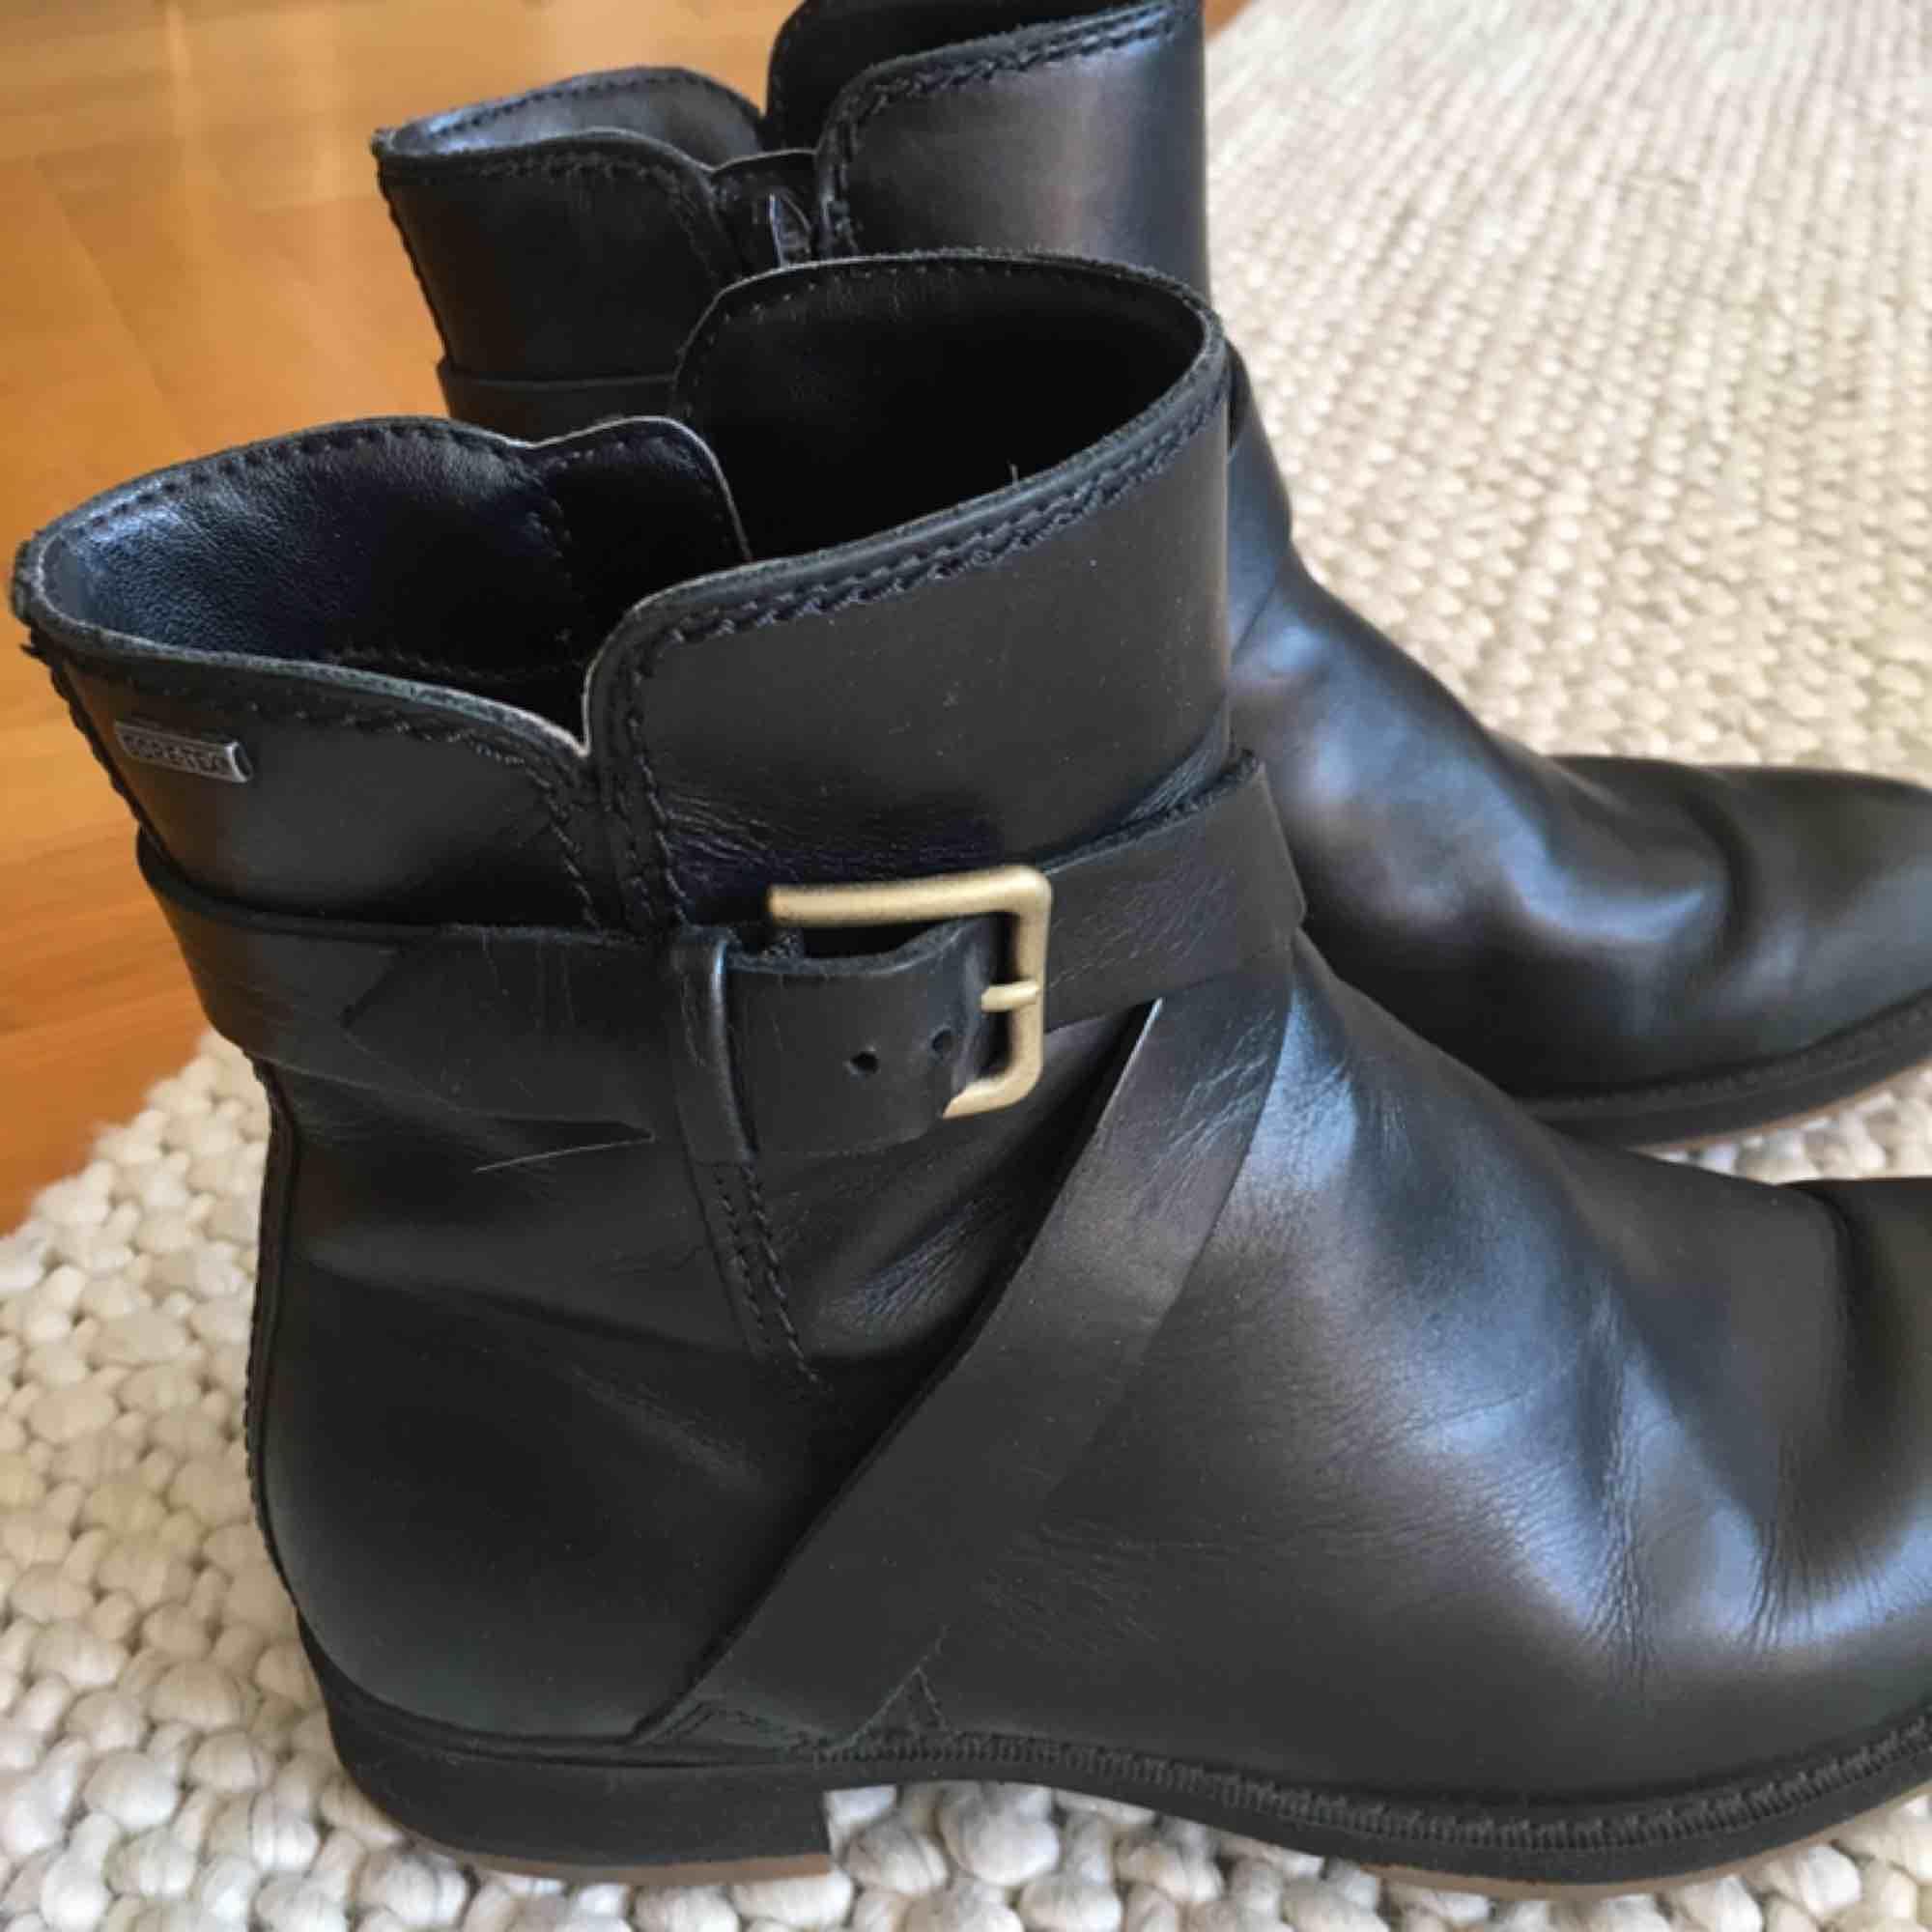 Fina svarta skinnskor ifrån Ecco, kraftigt läder. Väl bevarade då de är använda mycket lite. Ev frakt tillkommer.. Skor.